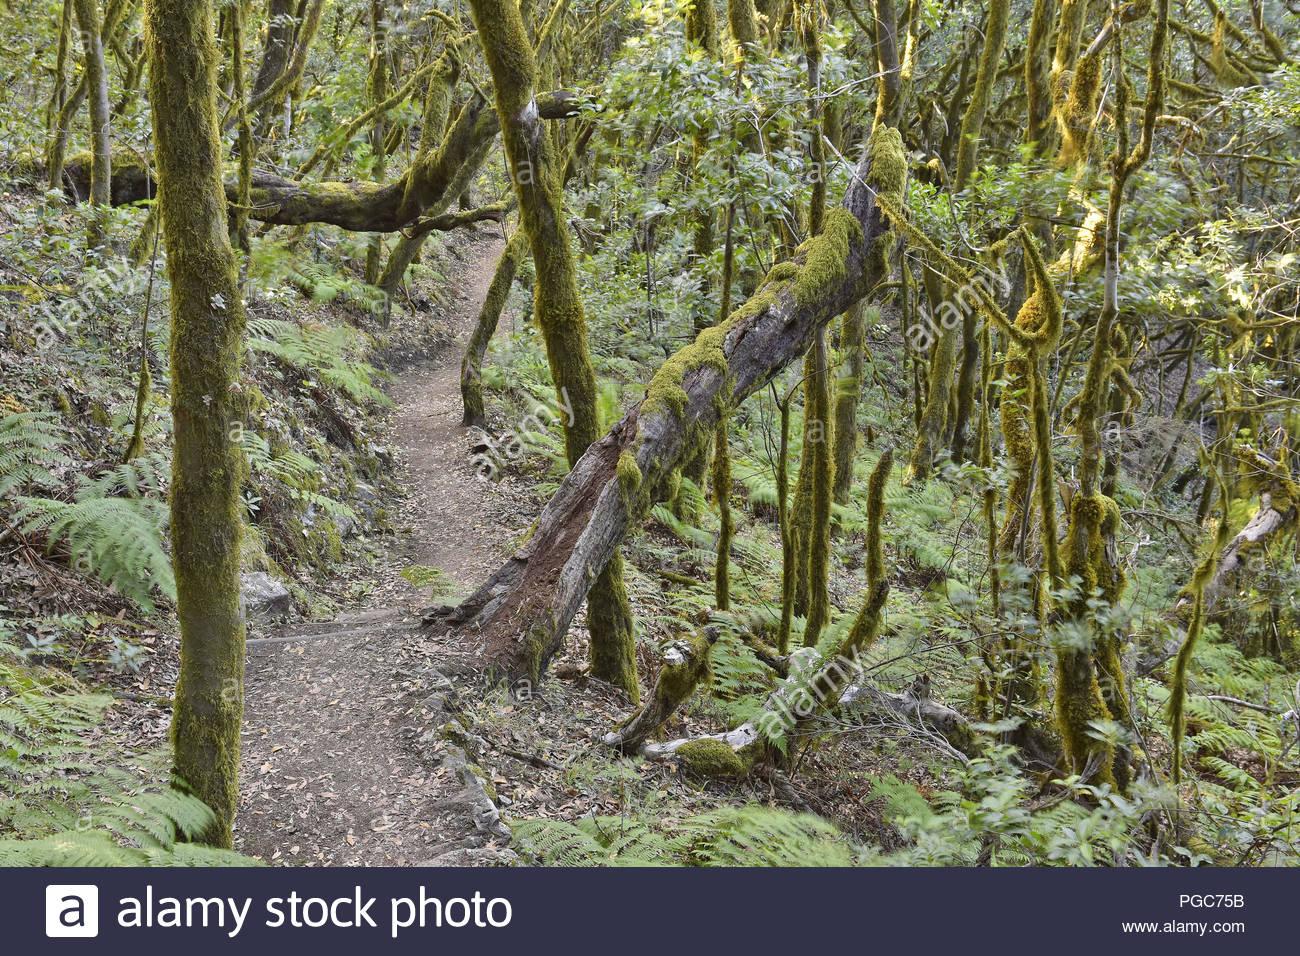 Moos und Flechten bewachsen. Wanderweg durch Evergreen Laurel Wald Der Nationalpark Garajonay auf La Gomera Kanarische Inseln Spanien. Stockbild